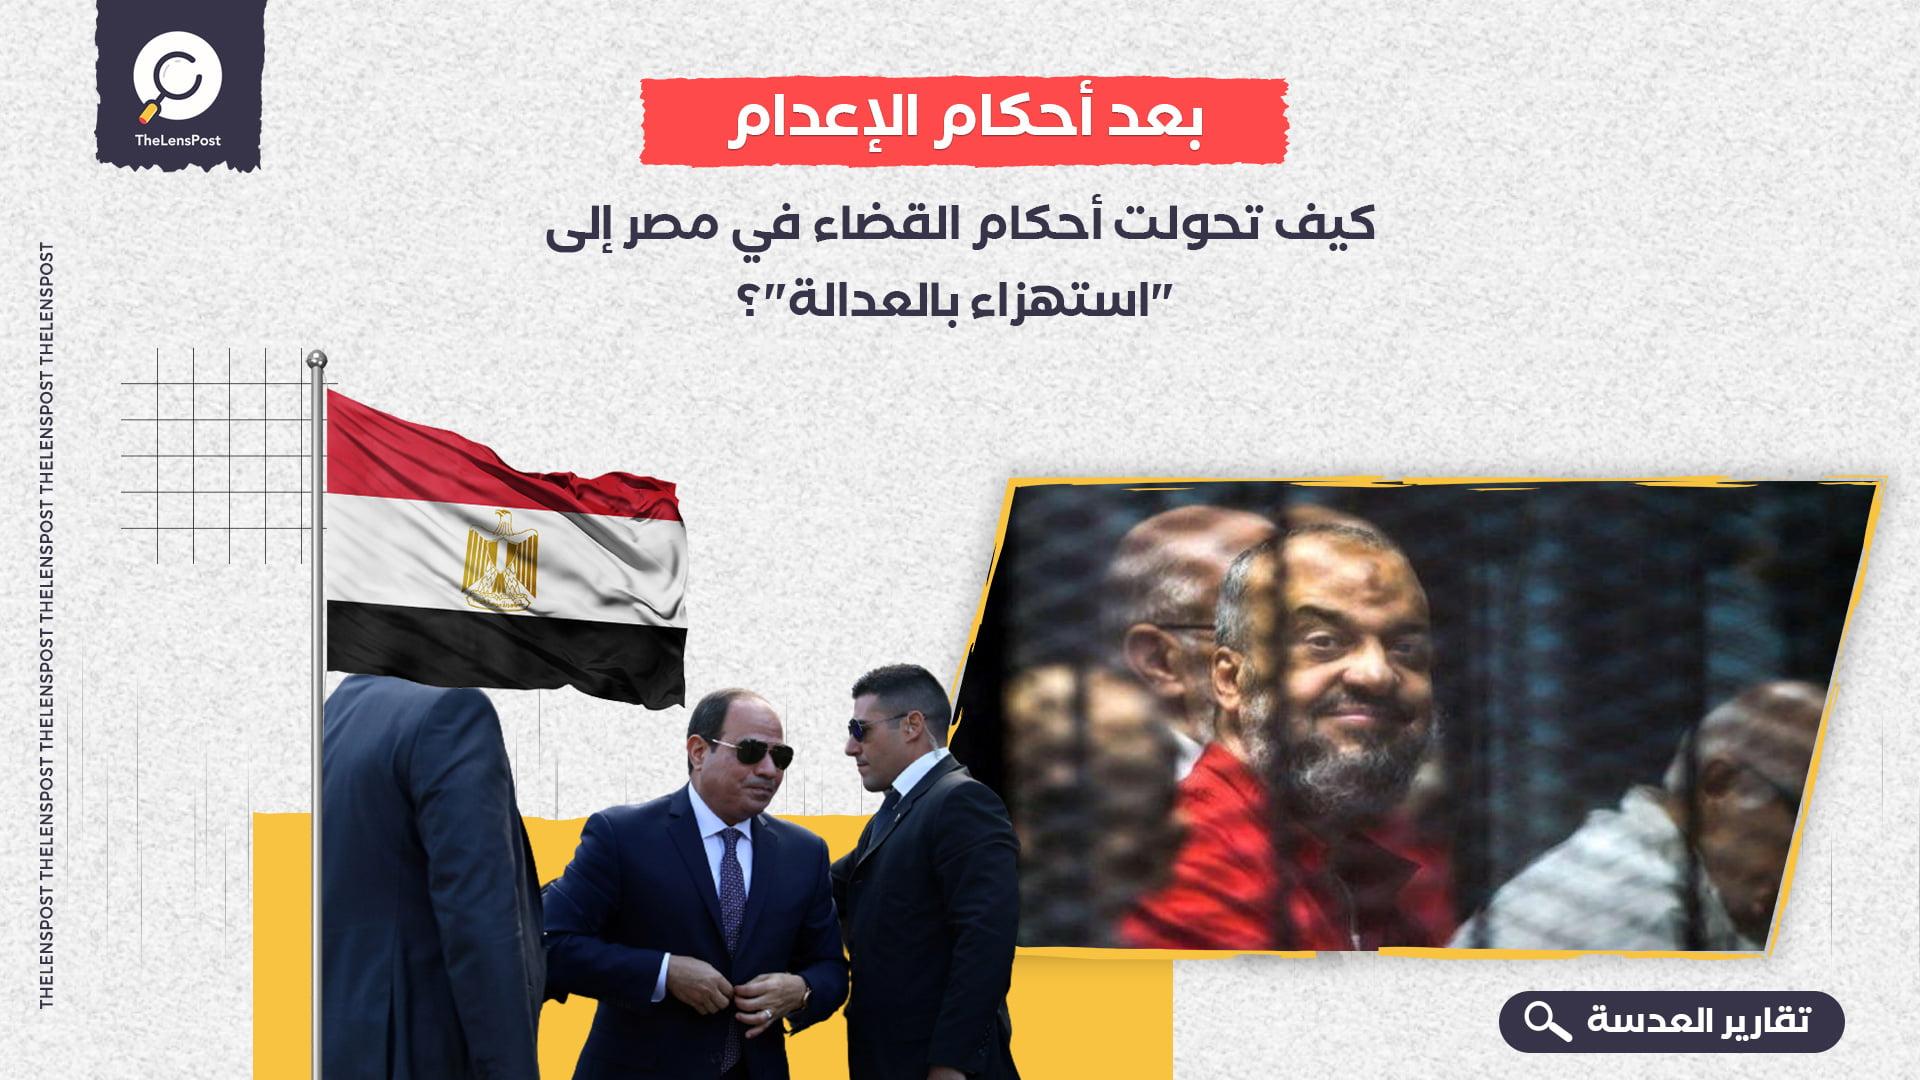 """بعد-أحكام-الإعدام-كيف-تحولت-أحكام-القضاء-في-مصر-إلى-""""استهزاء-بالعدالة""""؟"""